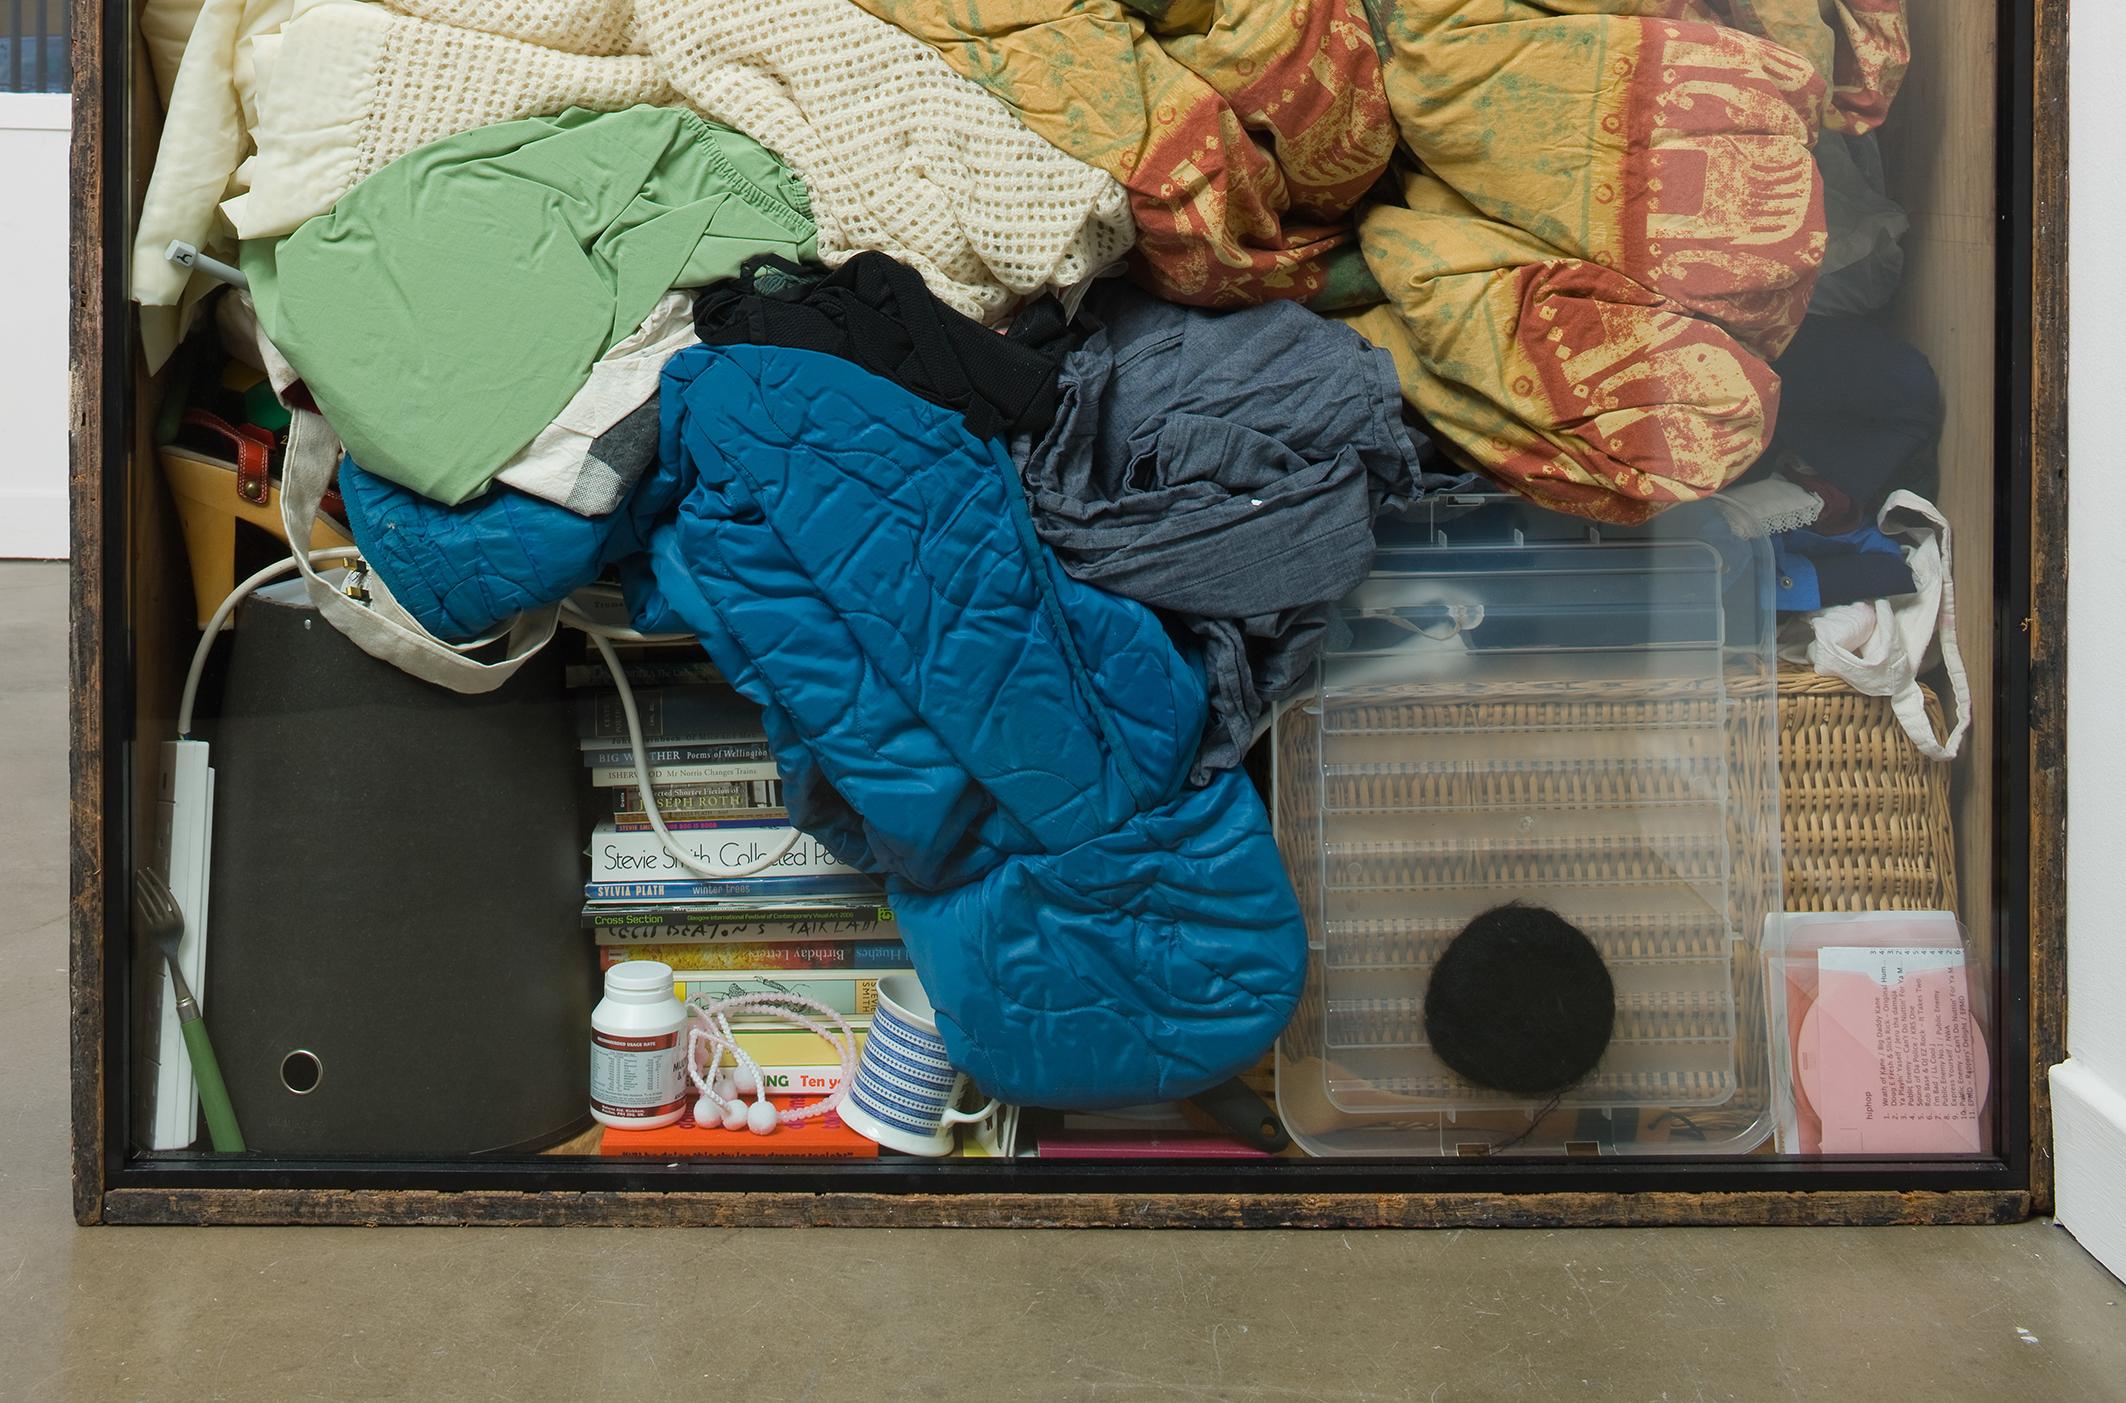 Outsider, installation view 9 Sorcha Dallas Gallery, 2008